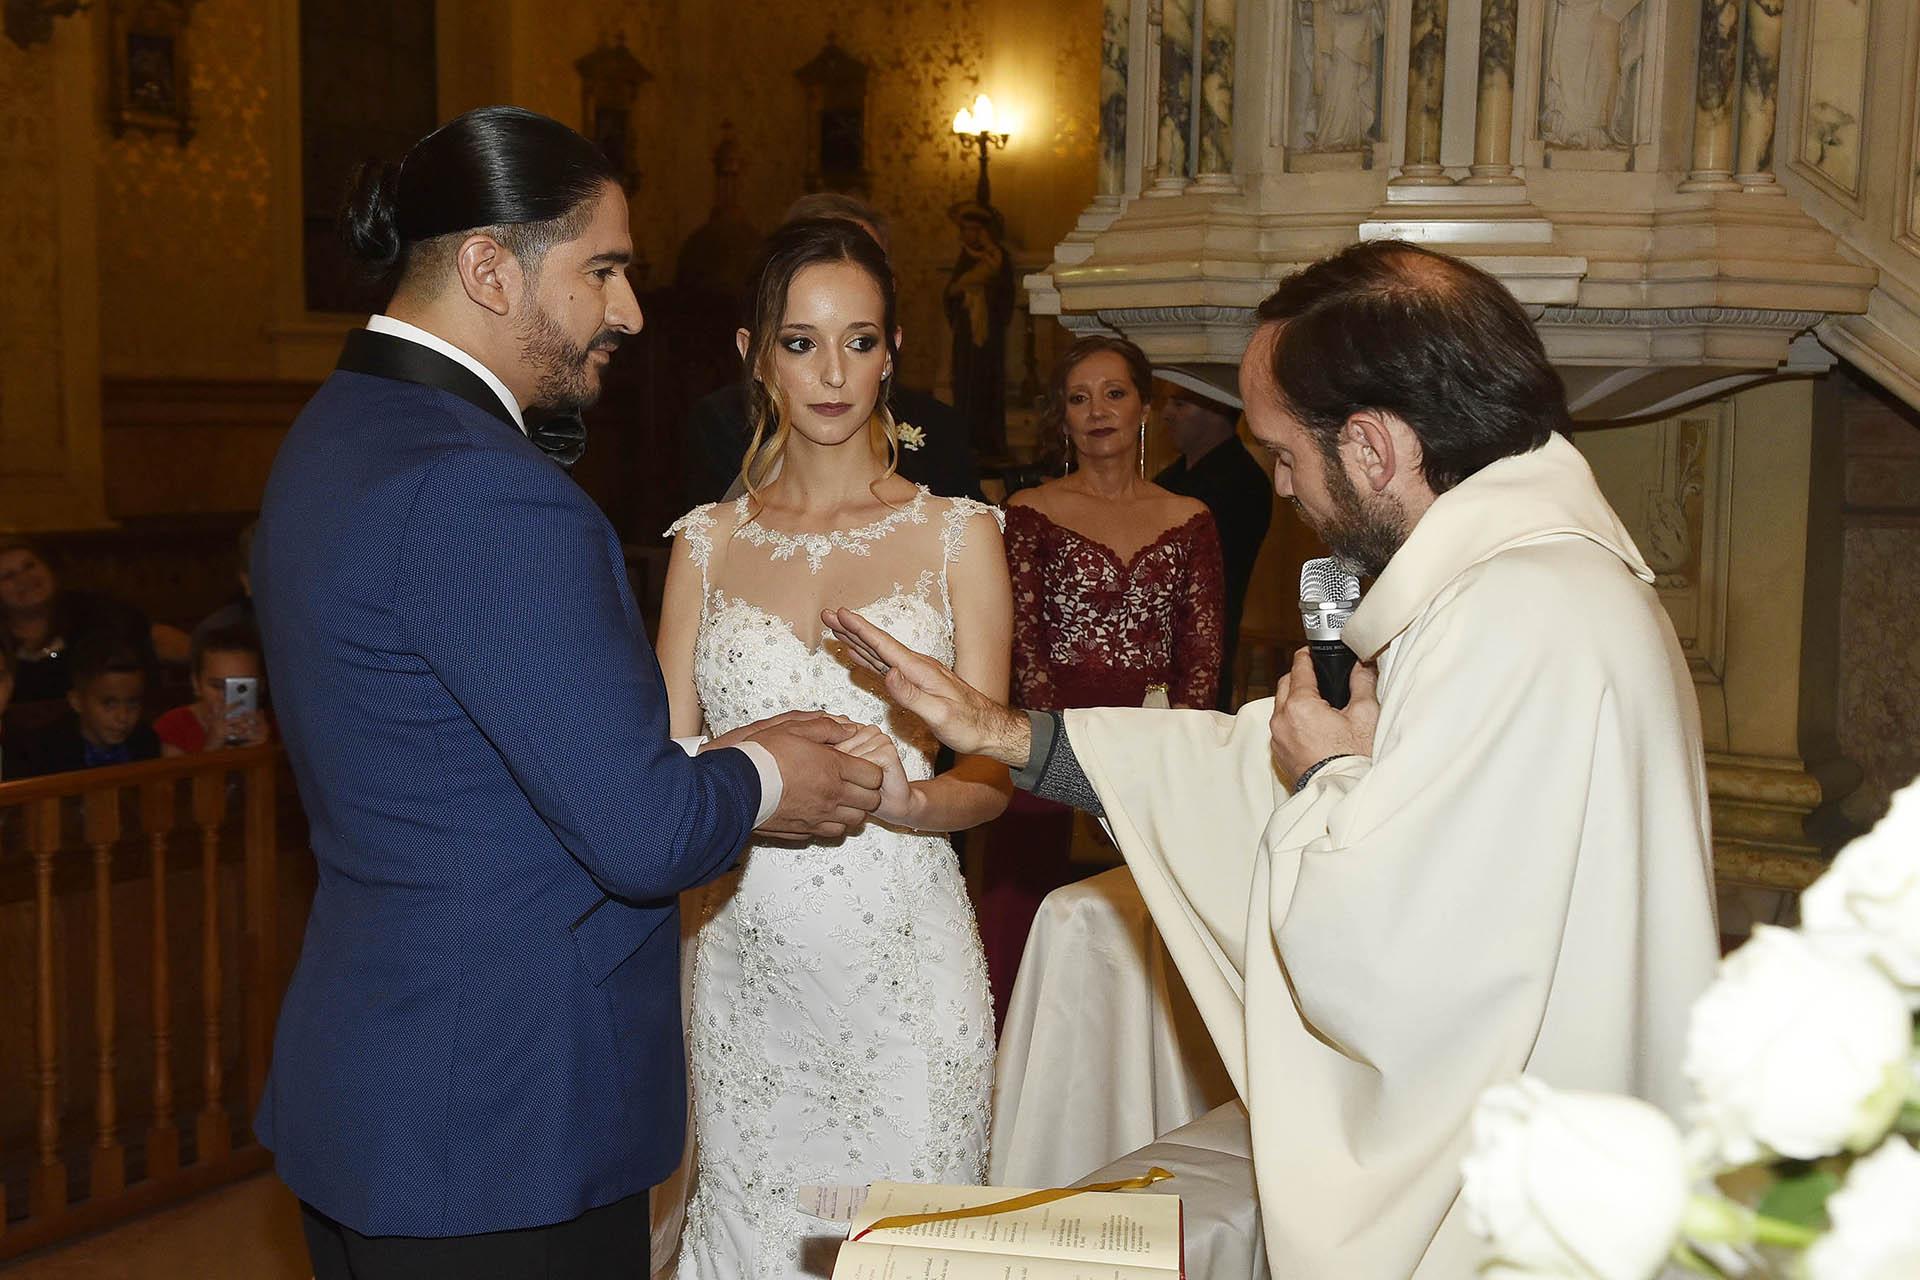 El cura bendiciendo los anillos de matrimonio de Ariel Puchetta y Camila Minoldo